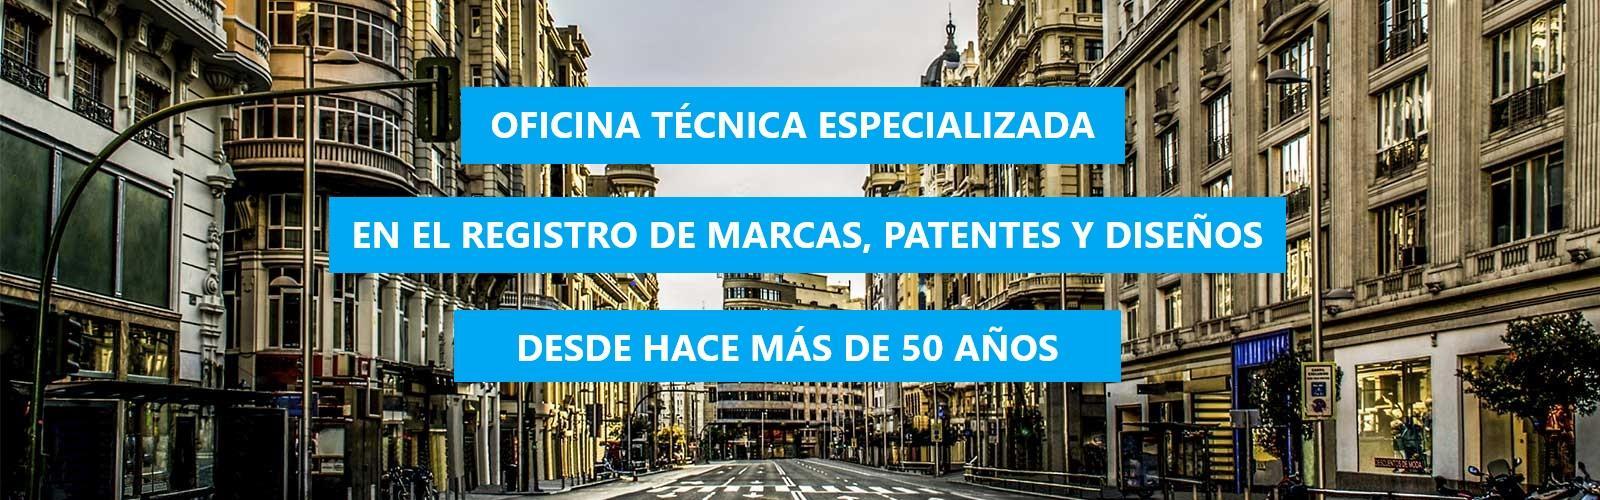 Agencia de patentes y marcas contacto